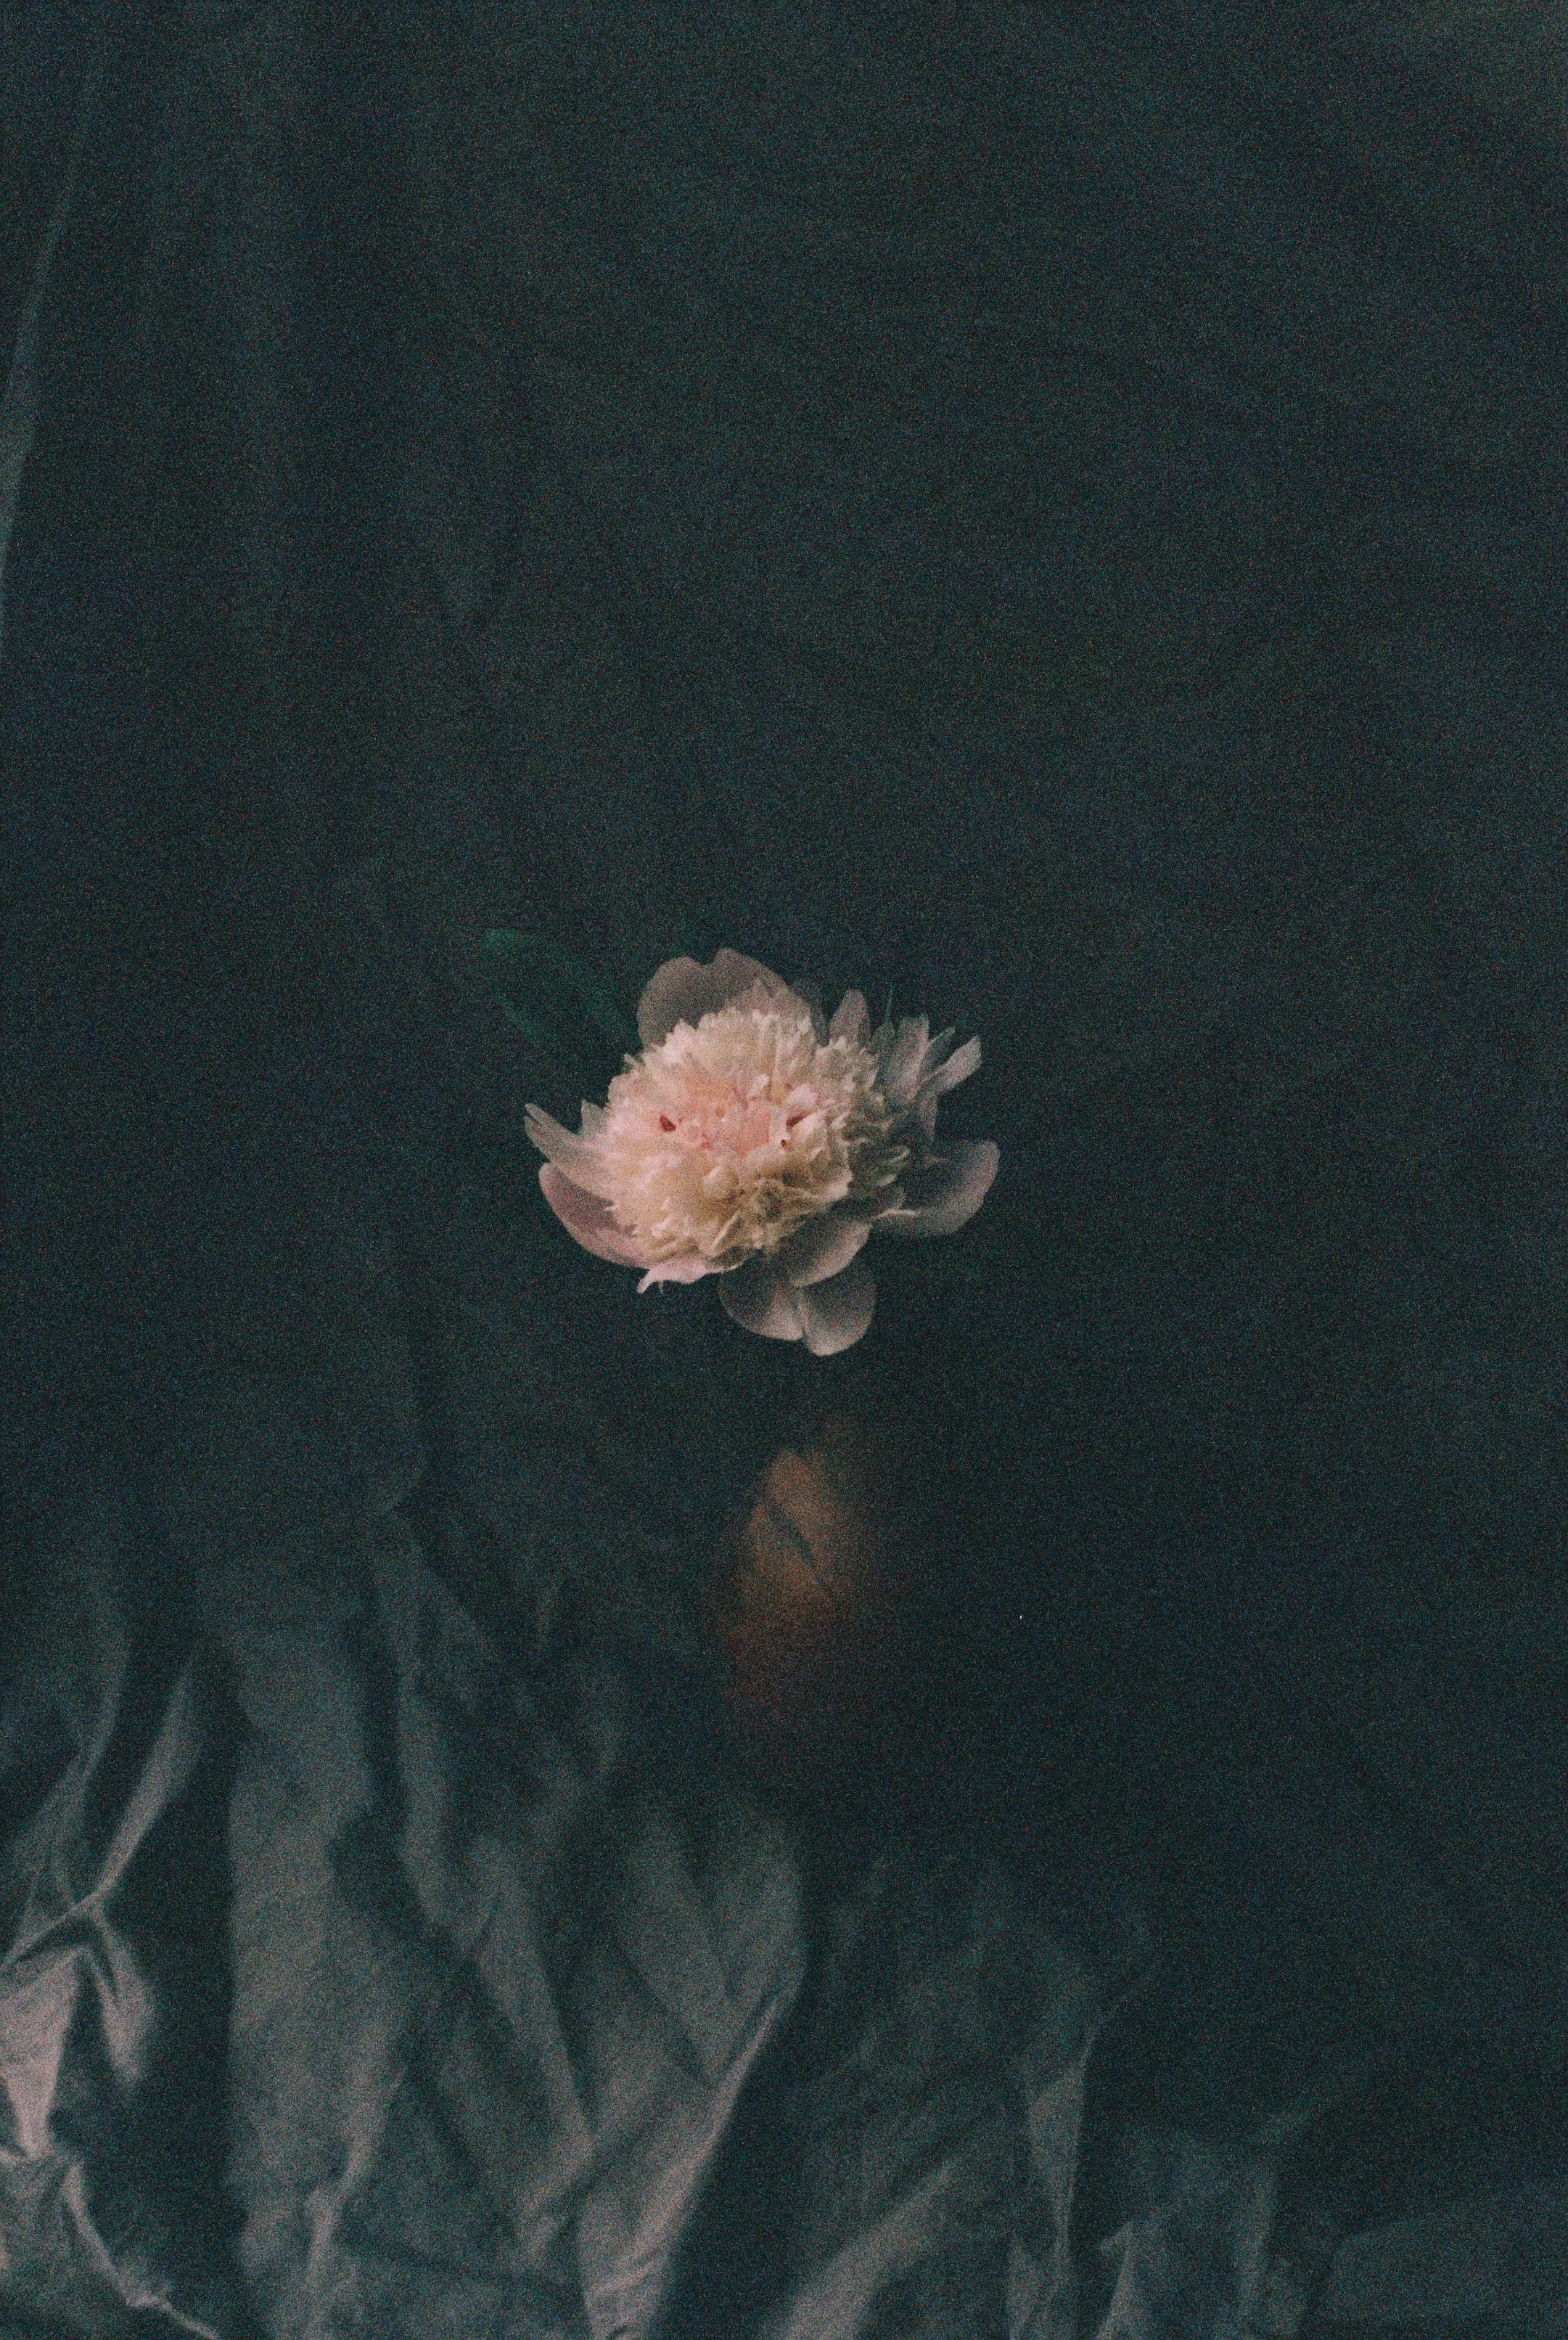 我爱你,所以卑微到尘埃里,然后开出花来-觅爱图